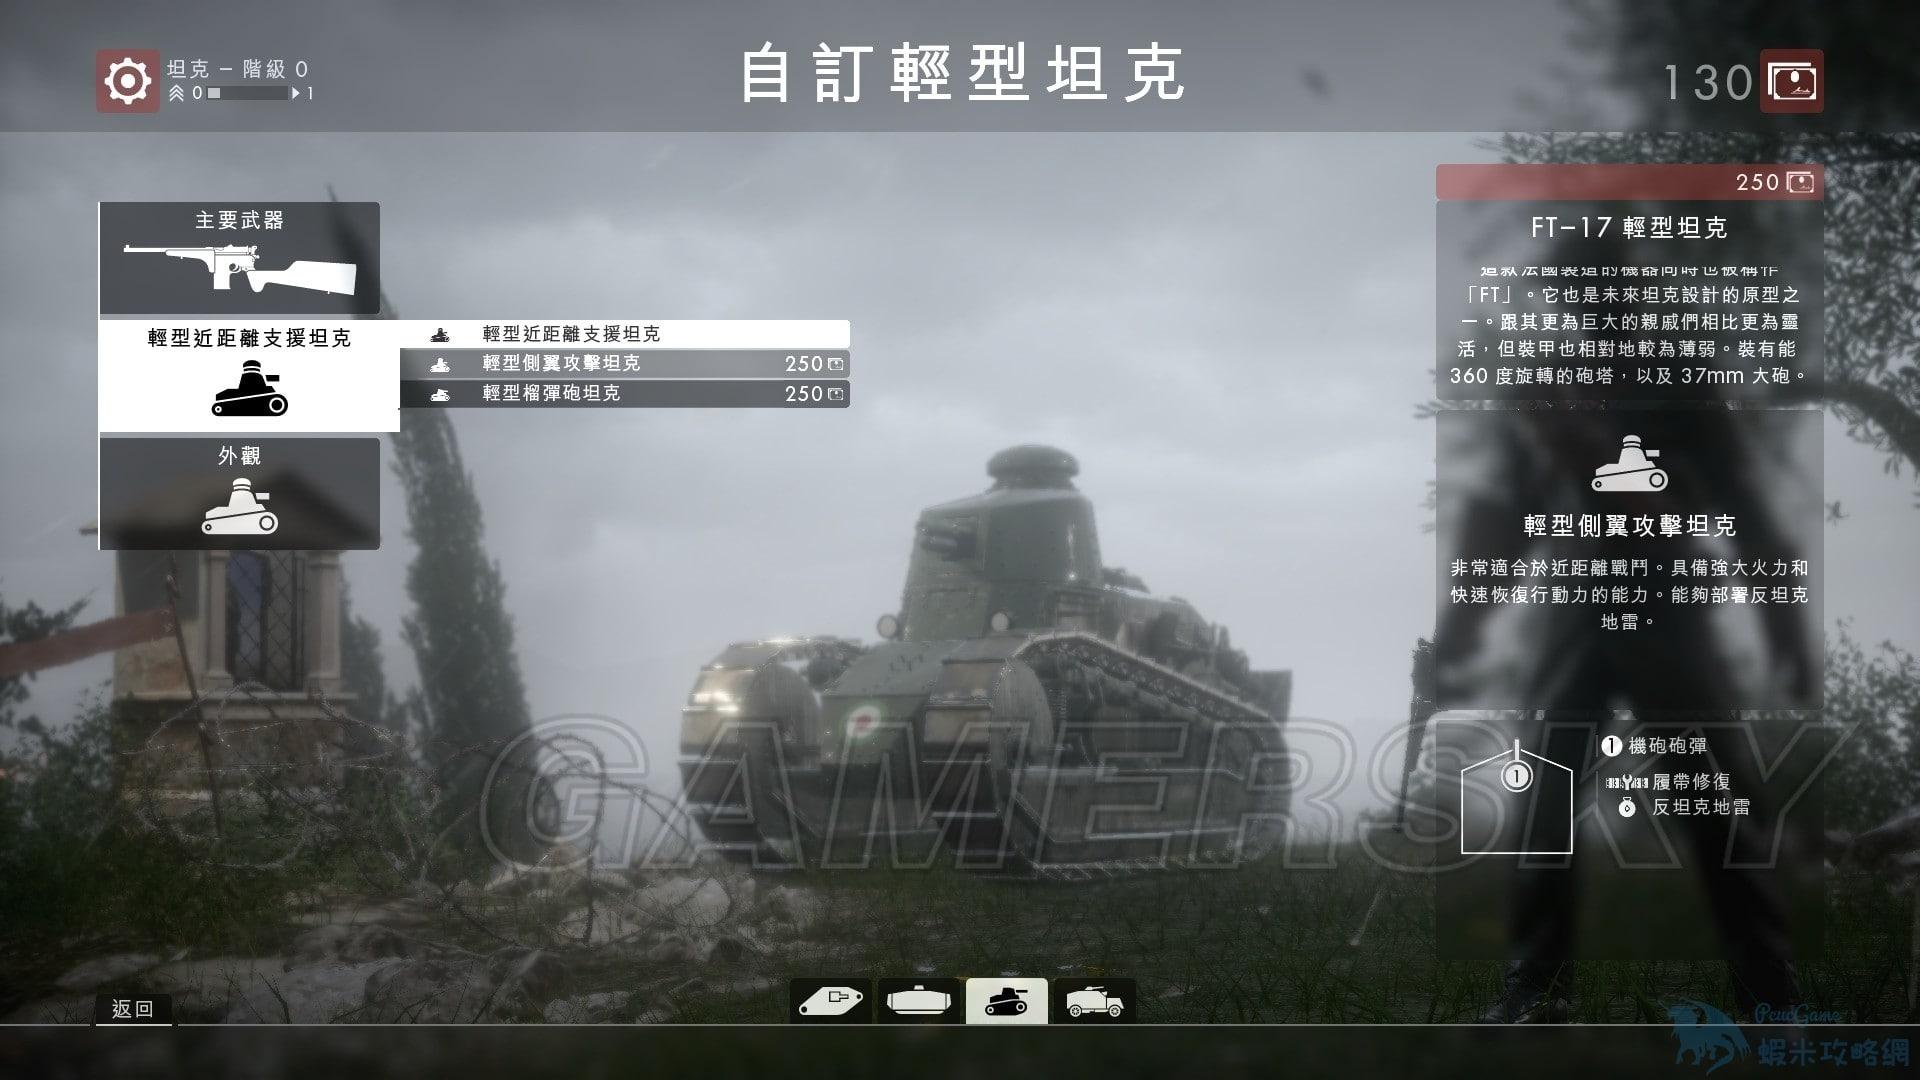 戰地風雲1 載具圖鑑 全載具詳解及兵種武器推薦